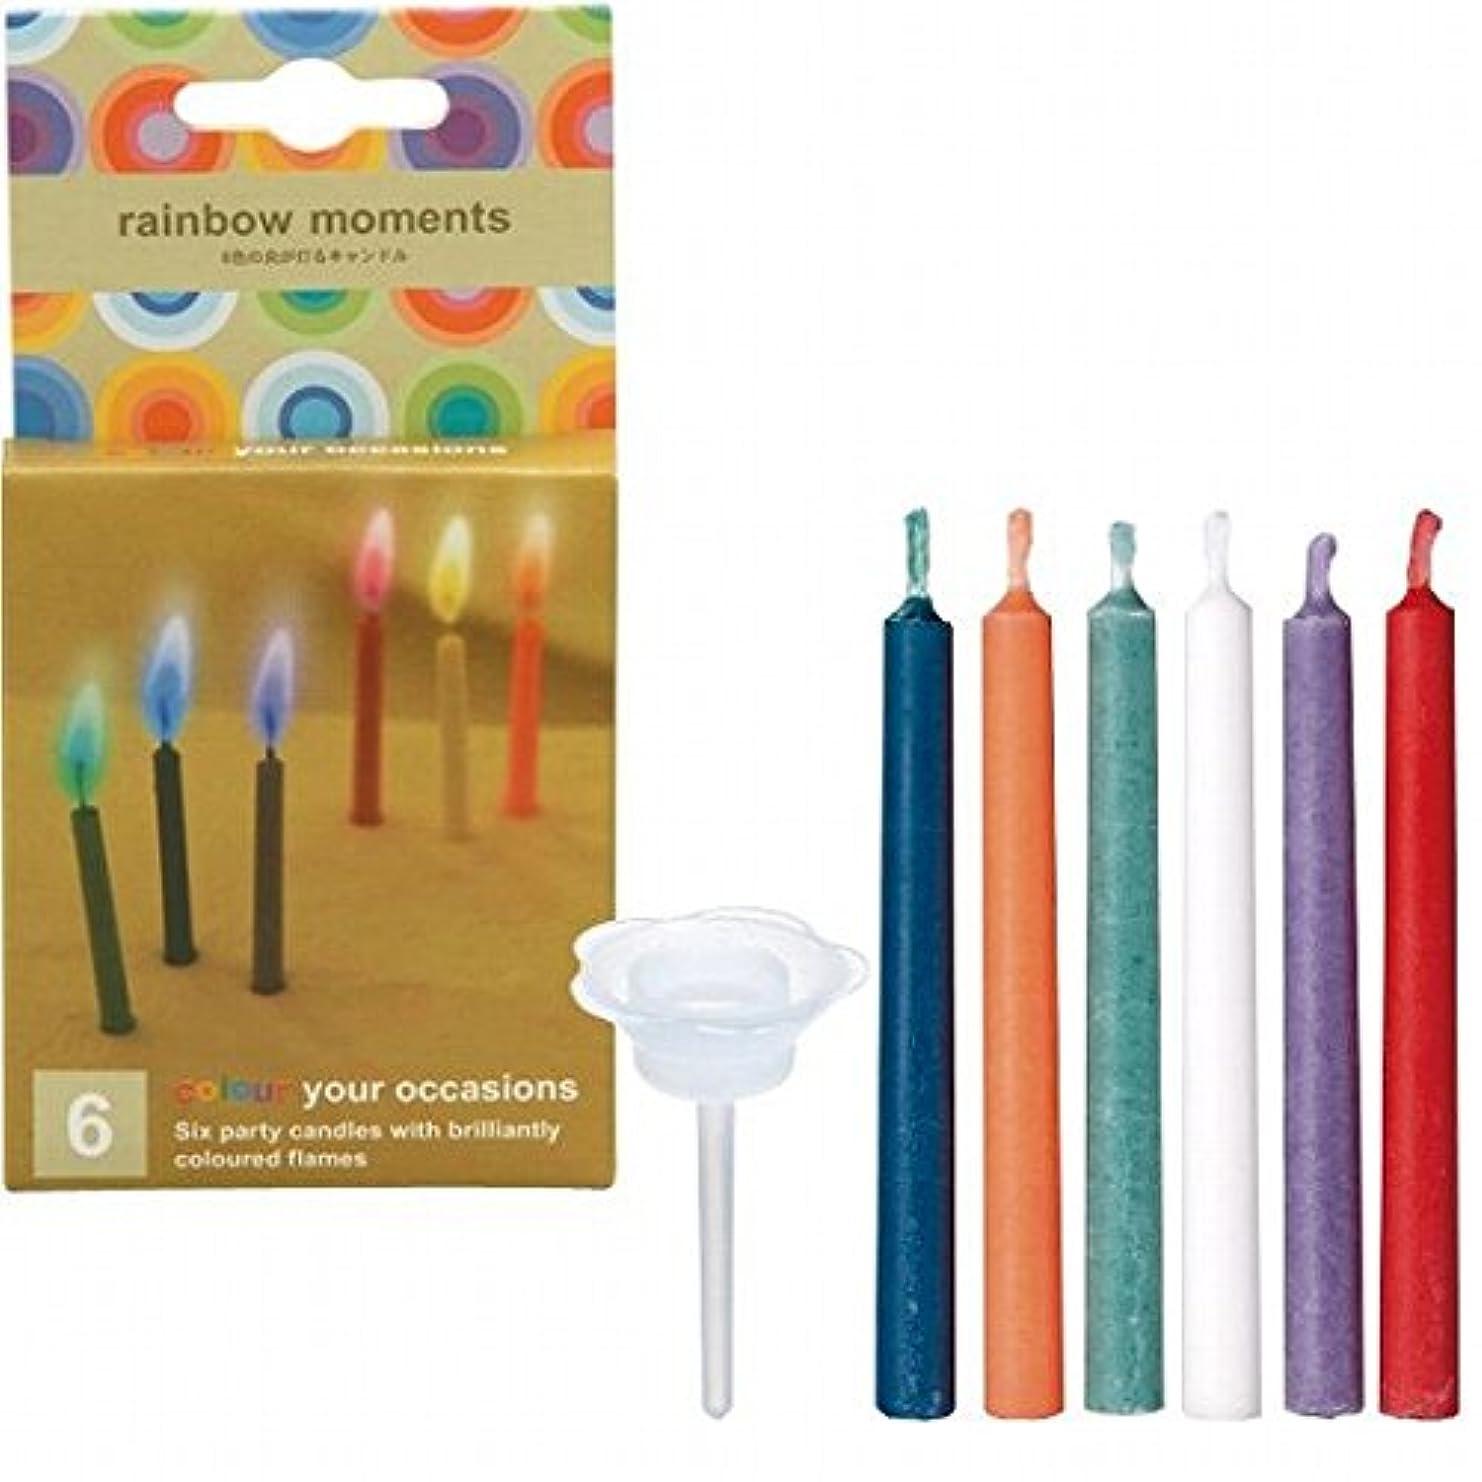 ばか慢性的スラックカメヤマキャンドル( kameyama candle ) rainbowmoments(レインボーモーメント)6色6本入り 「 6本入り 」 キャンドル